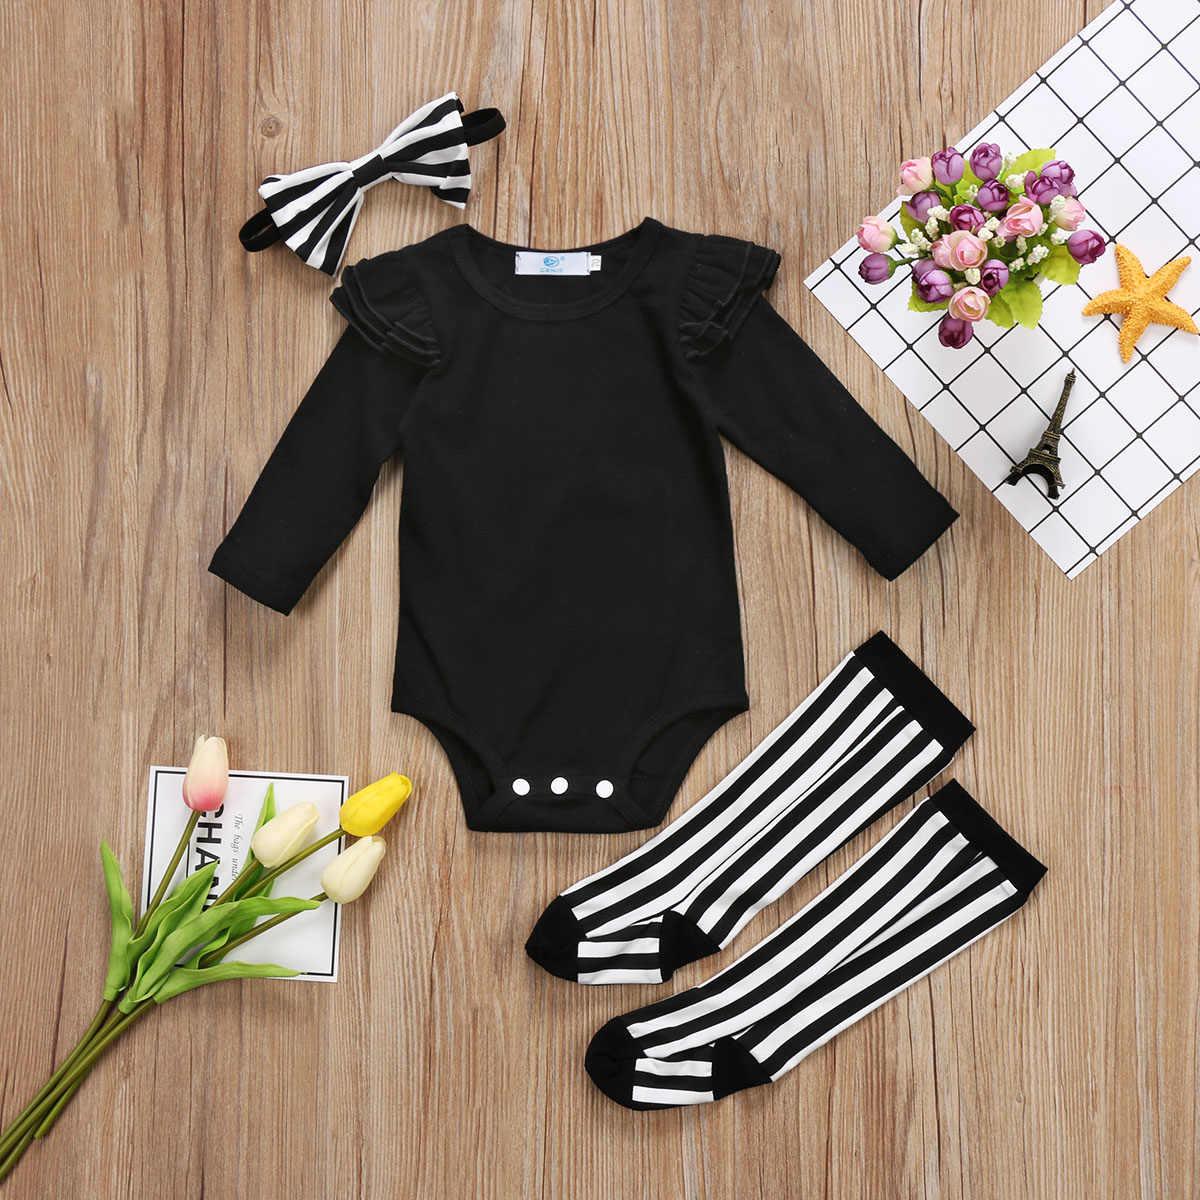 36ef12ed5a675 ... infant Newborn Baby Girls Black Flying Sleeve romper Bodysuit + Leggings  Socks Headband Outfits Set 2017 ...